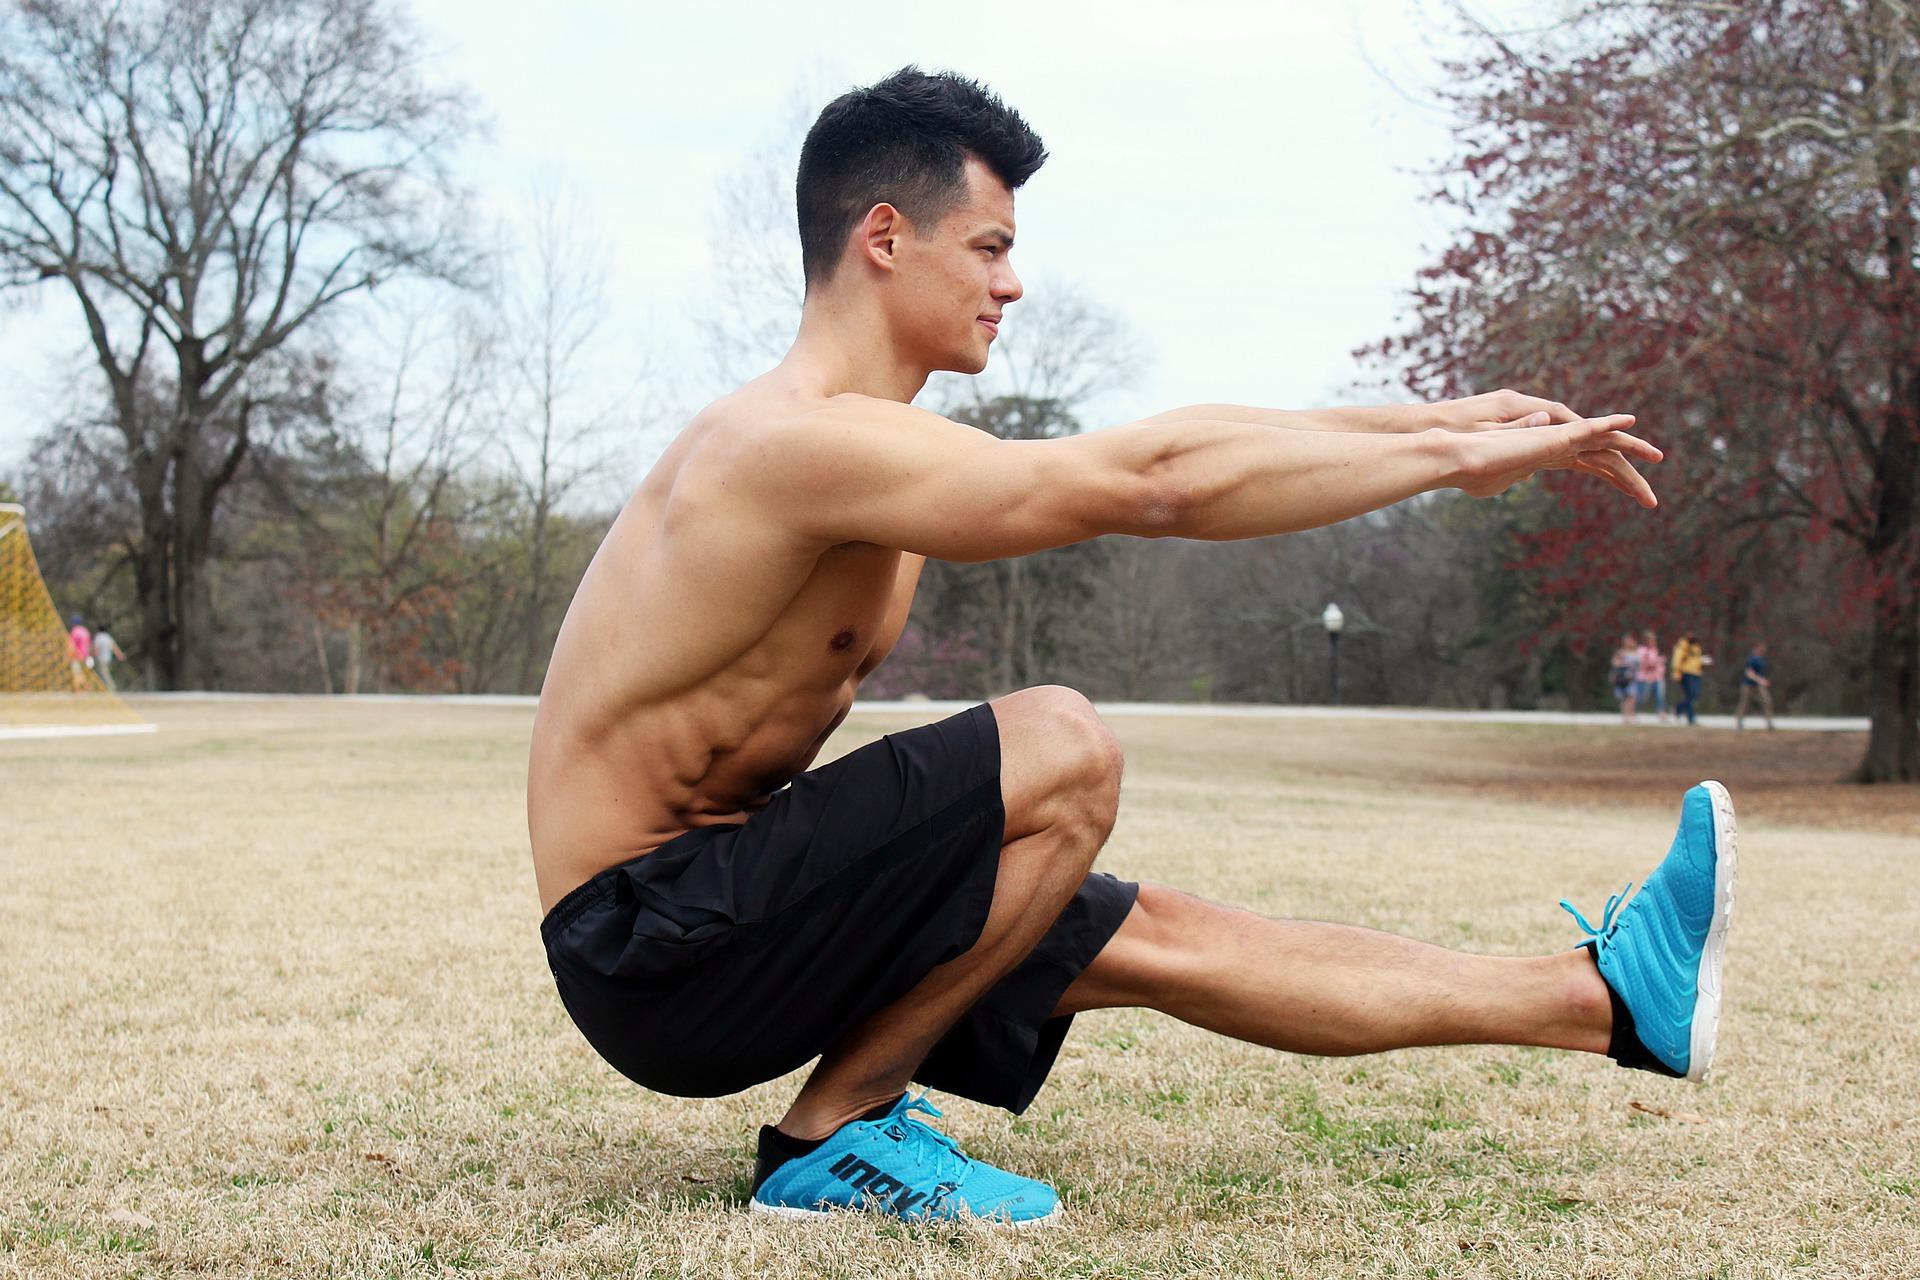 大きい筋肉を鍛える!スクワット・ランジ10分筋トレで時短ダイエット